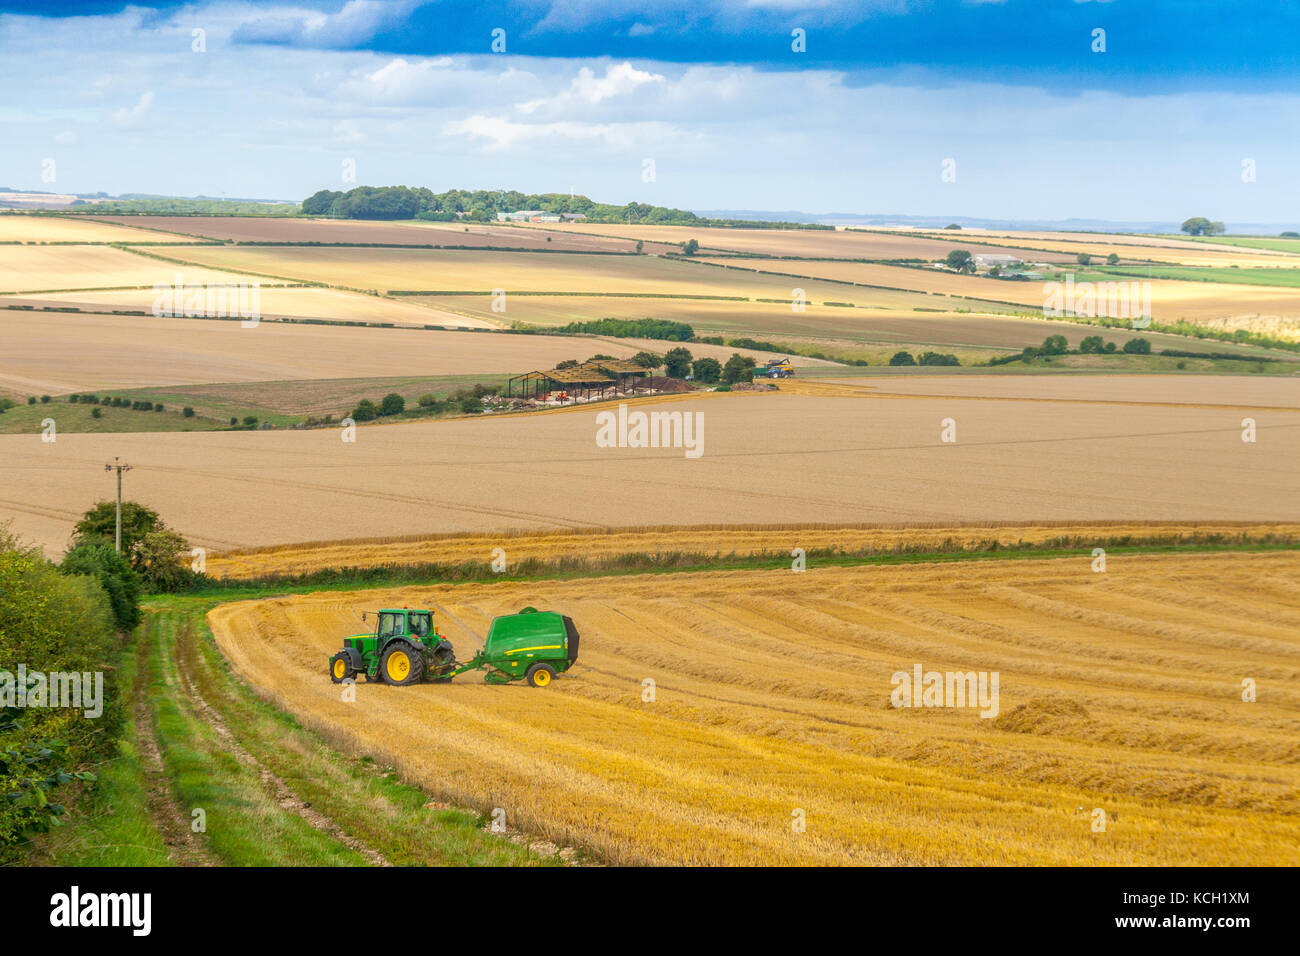 Round Baler Stock Photos & Round Baler Stock Images - Alamy